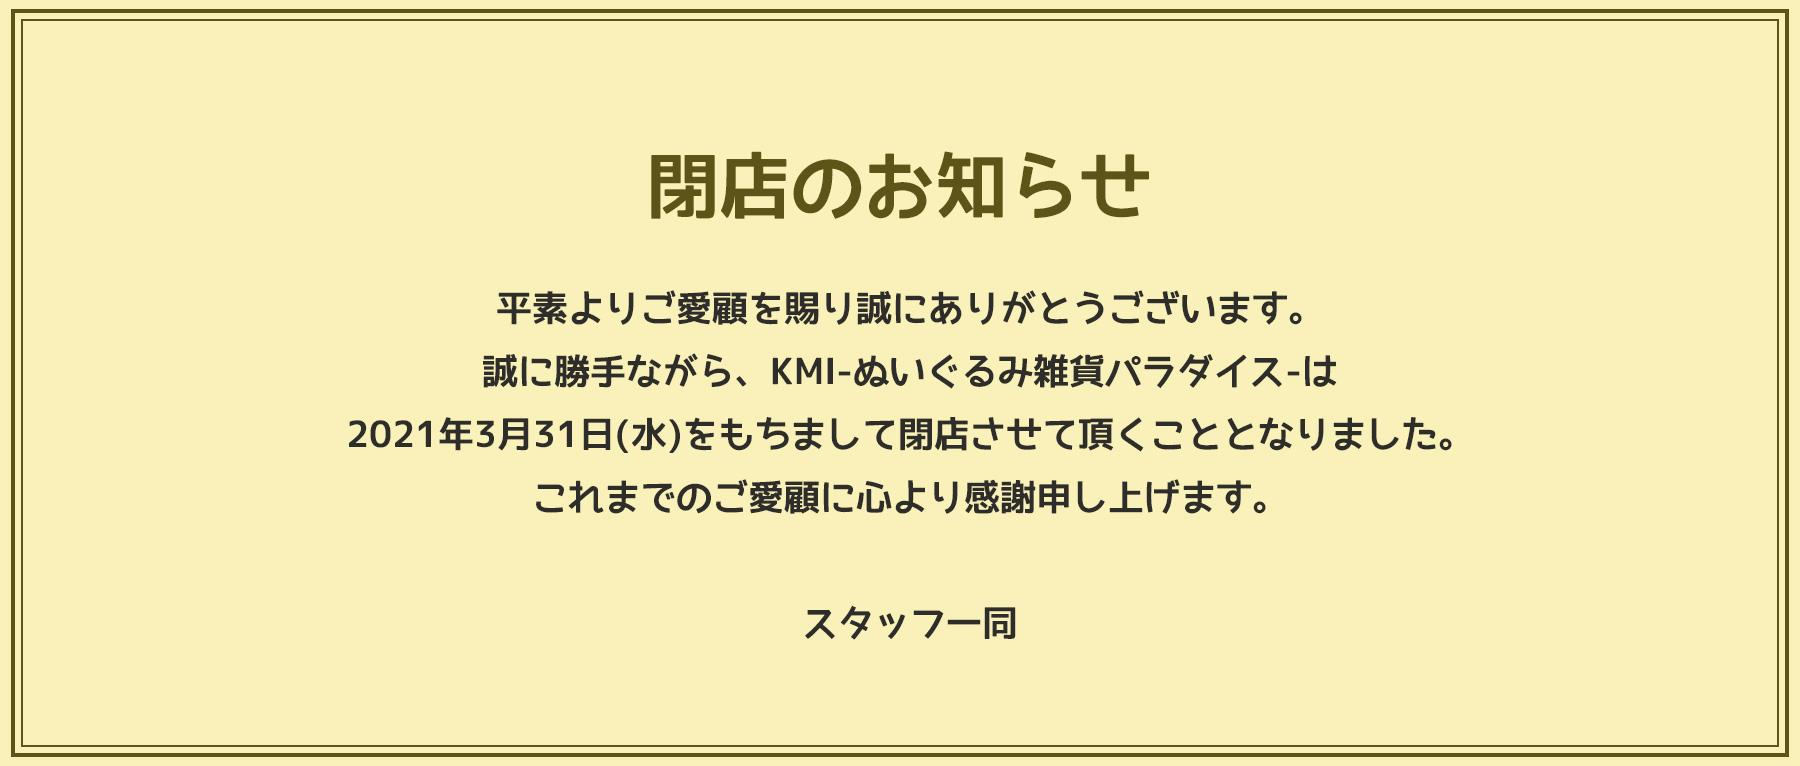 豆しば三兄弟ぬいぐるみ・雑貨 好評発売中!